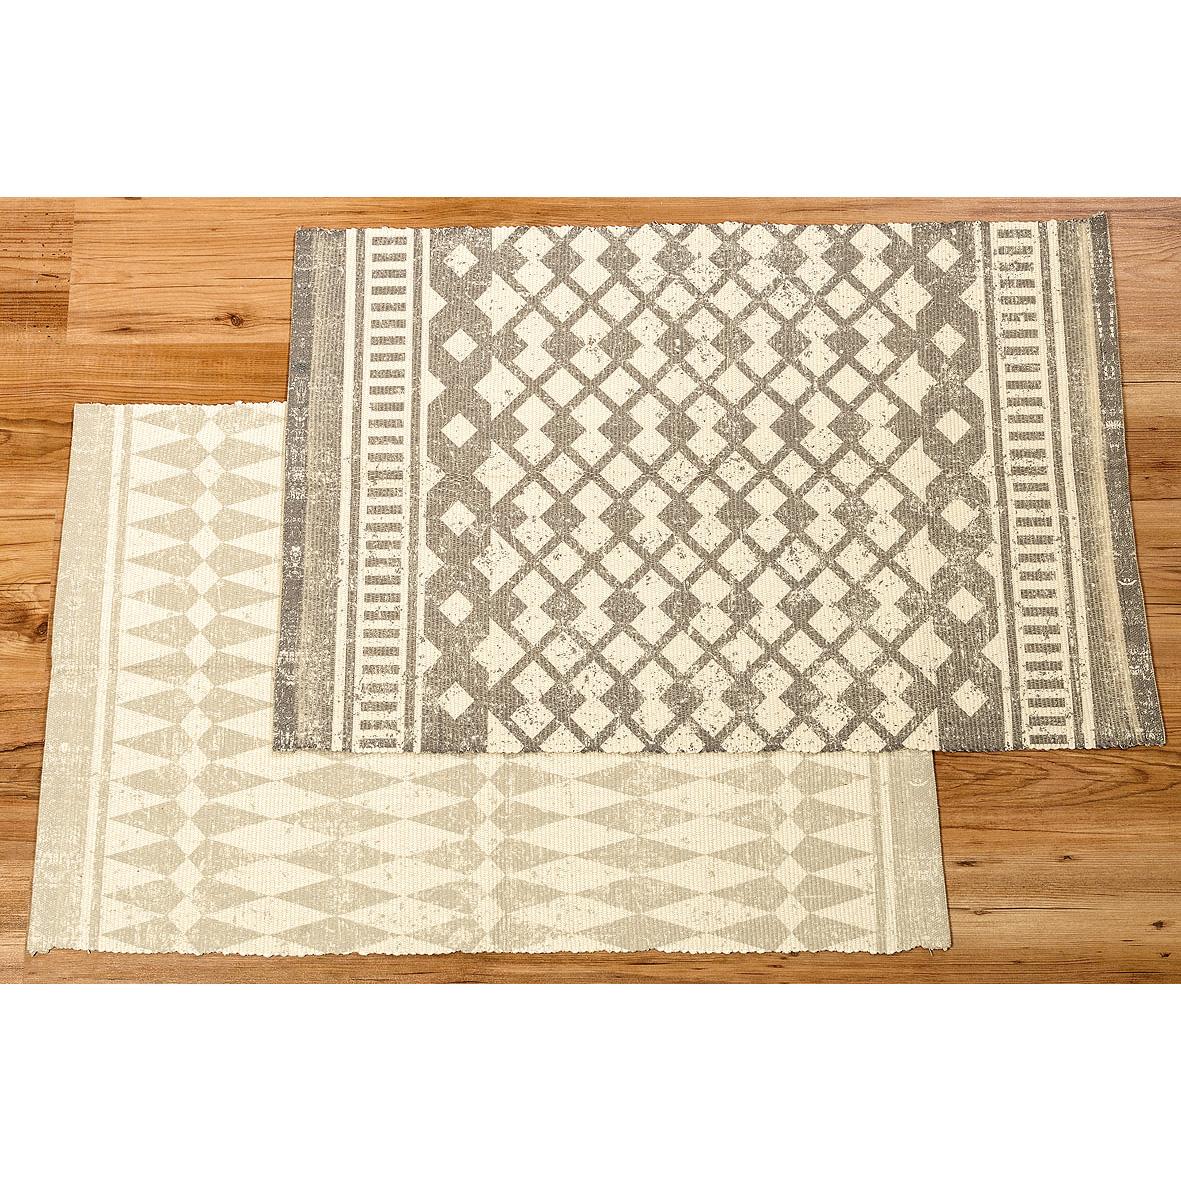 teppich mit ethnomuster 90cm creme grau ebay. Black Bedroom Furniture Sets. Home Design Ideas